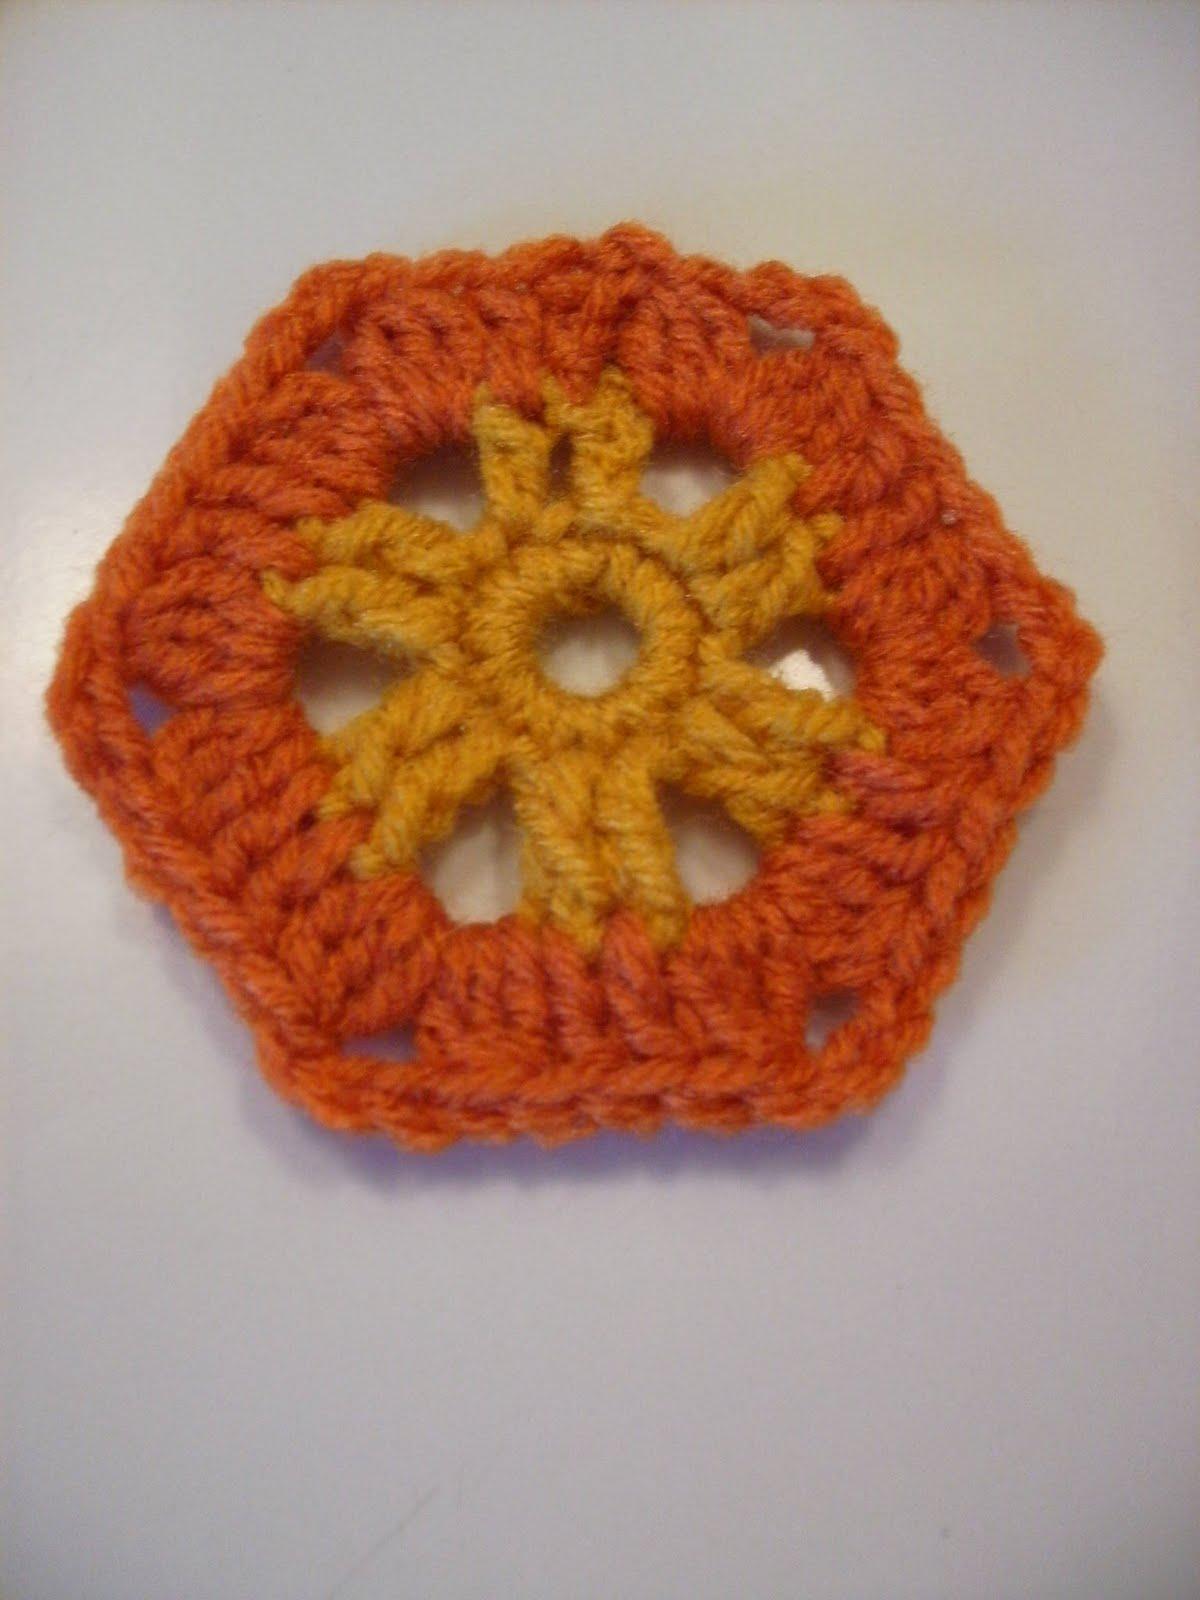 Scrap Yarn Crochet: Free Aztec Sun Hexagon Crochet Pattern